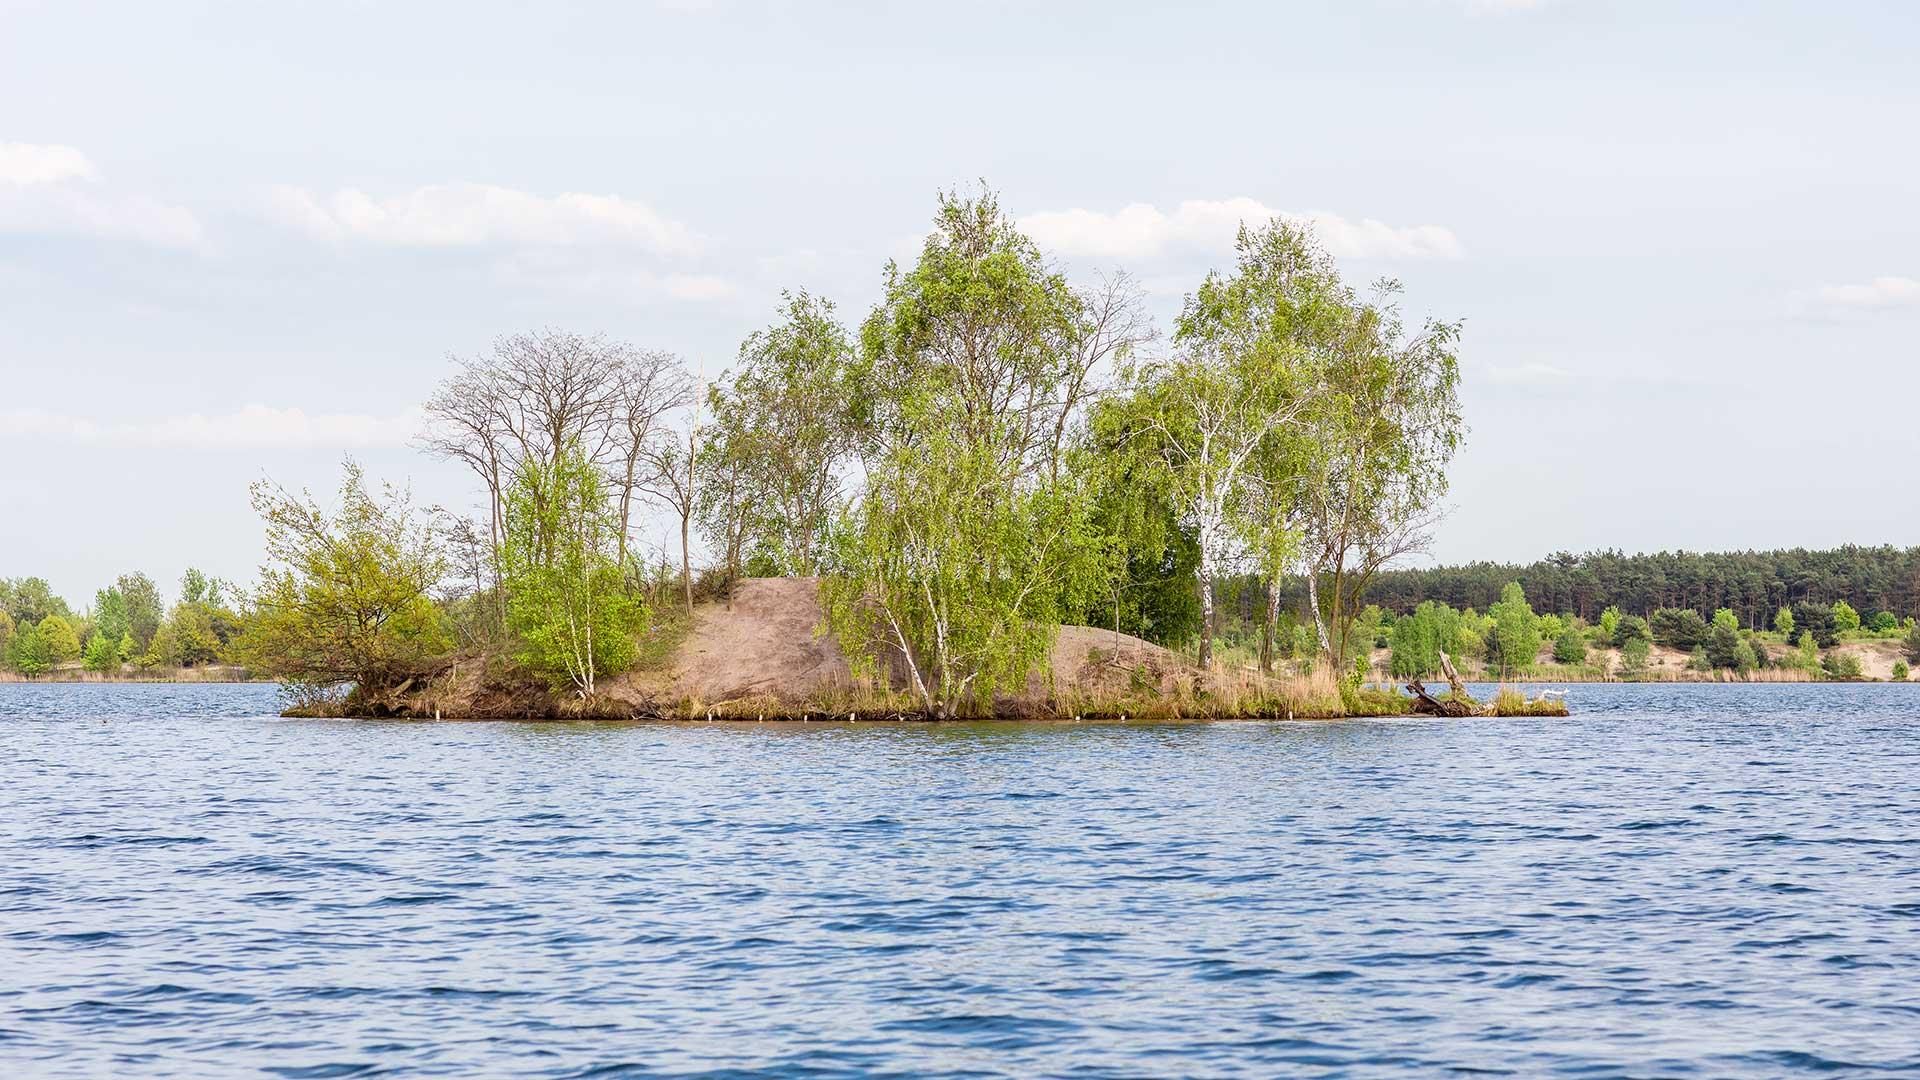 Landschaftsfotografie: Insel auf dem Bergwitzsee | Foto: Dieter Eikenberg, imprints